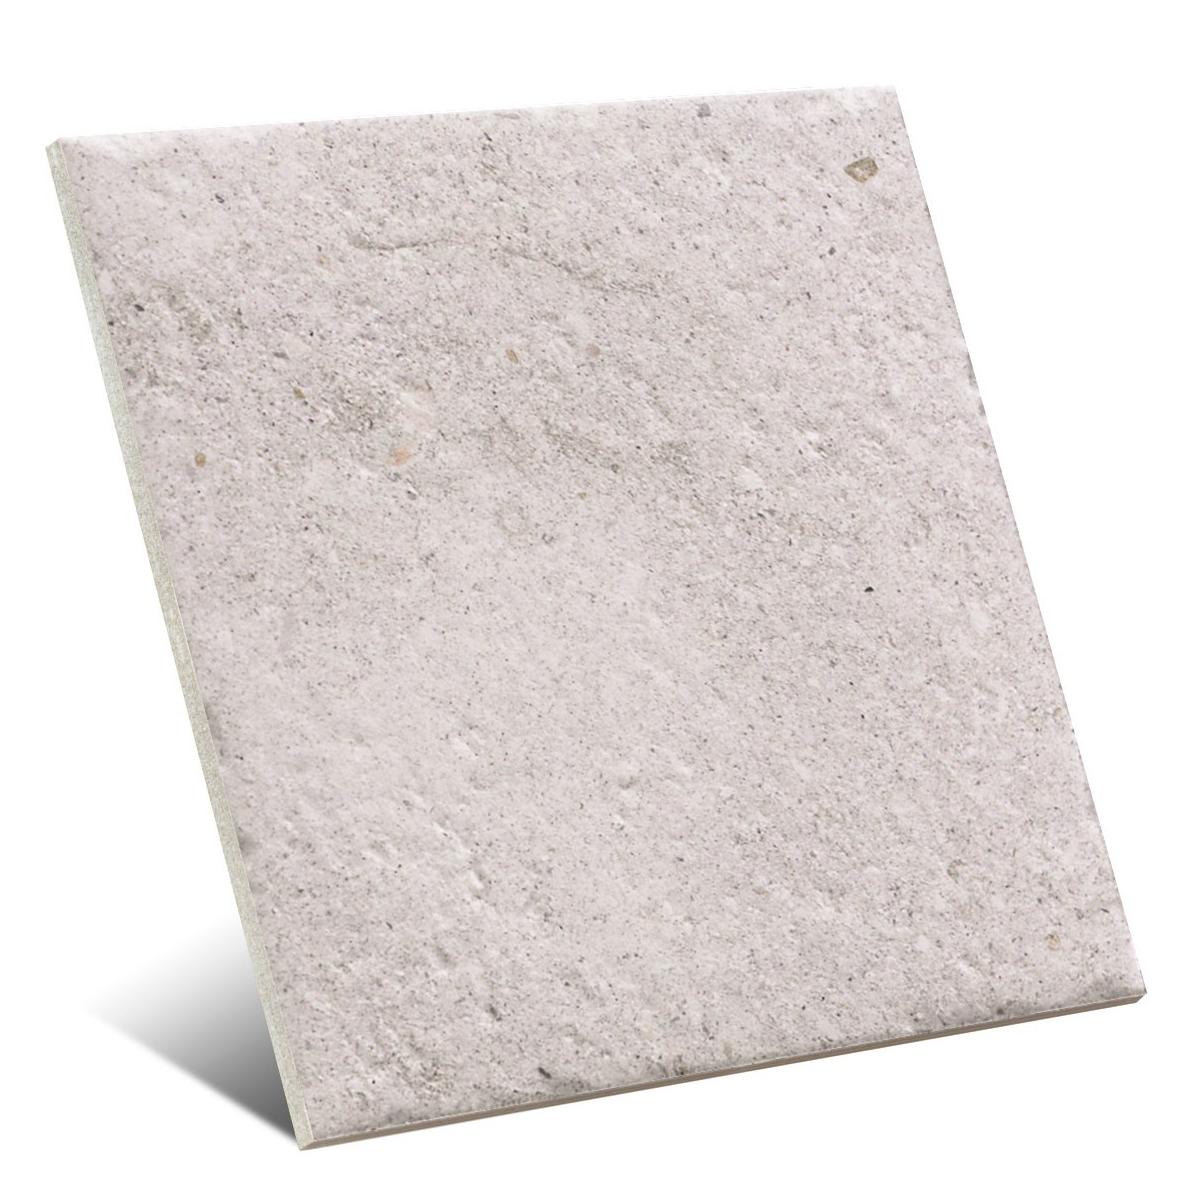 Bali White Stone 20x20 (caja 1 m2)